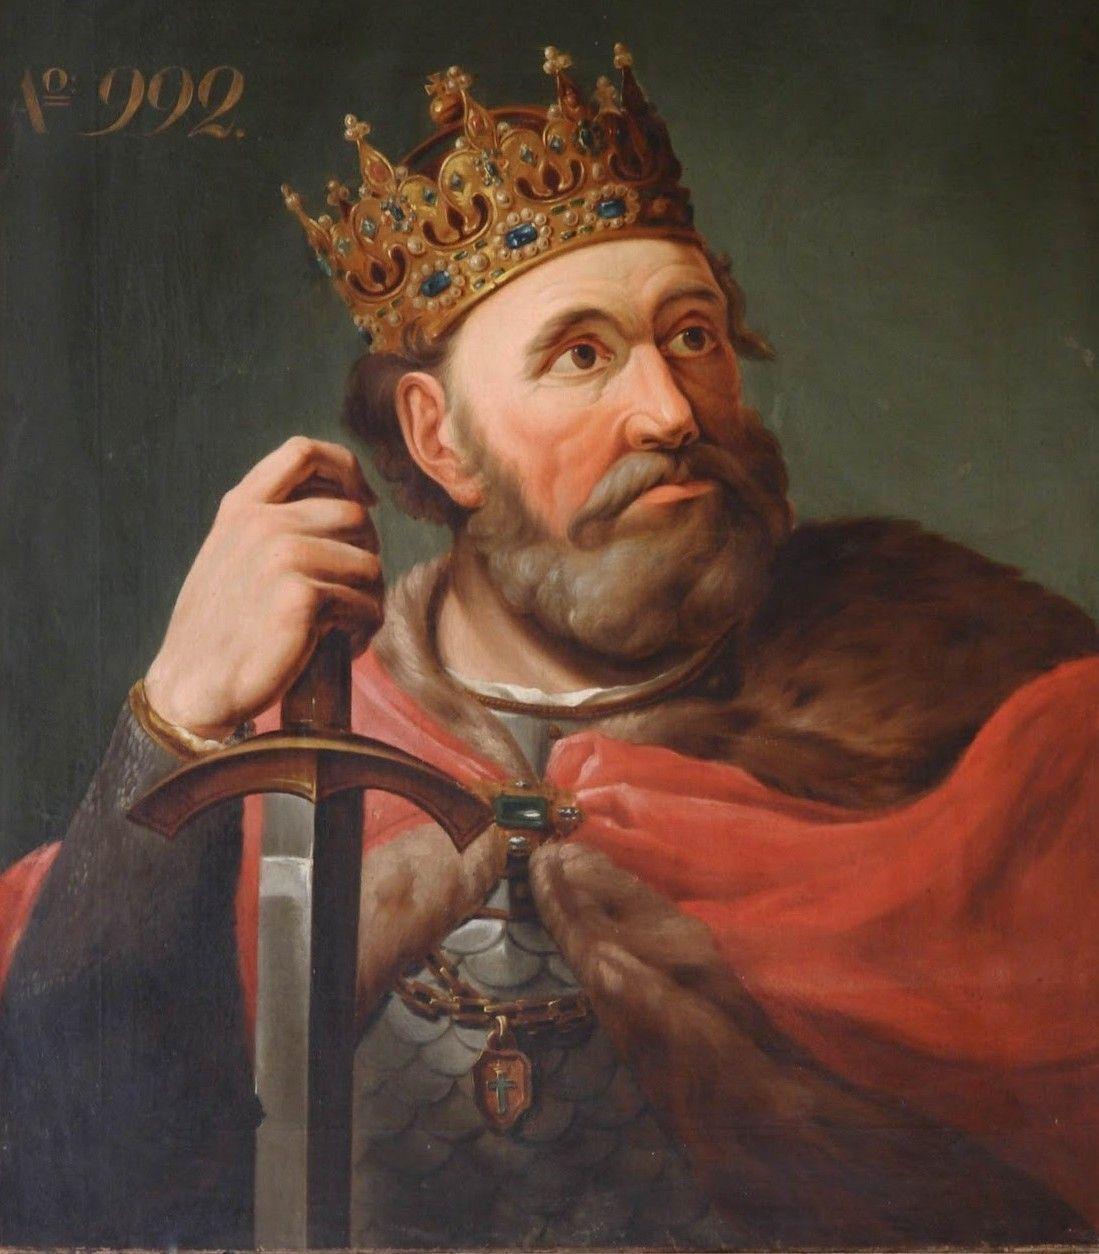 Pamięć o czynach Chrobrego i jego drużyny przetrwała 1000 lat. Na ilustracji portret władcy autorstwa Marcello Bacciarelliego.